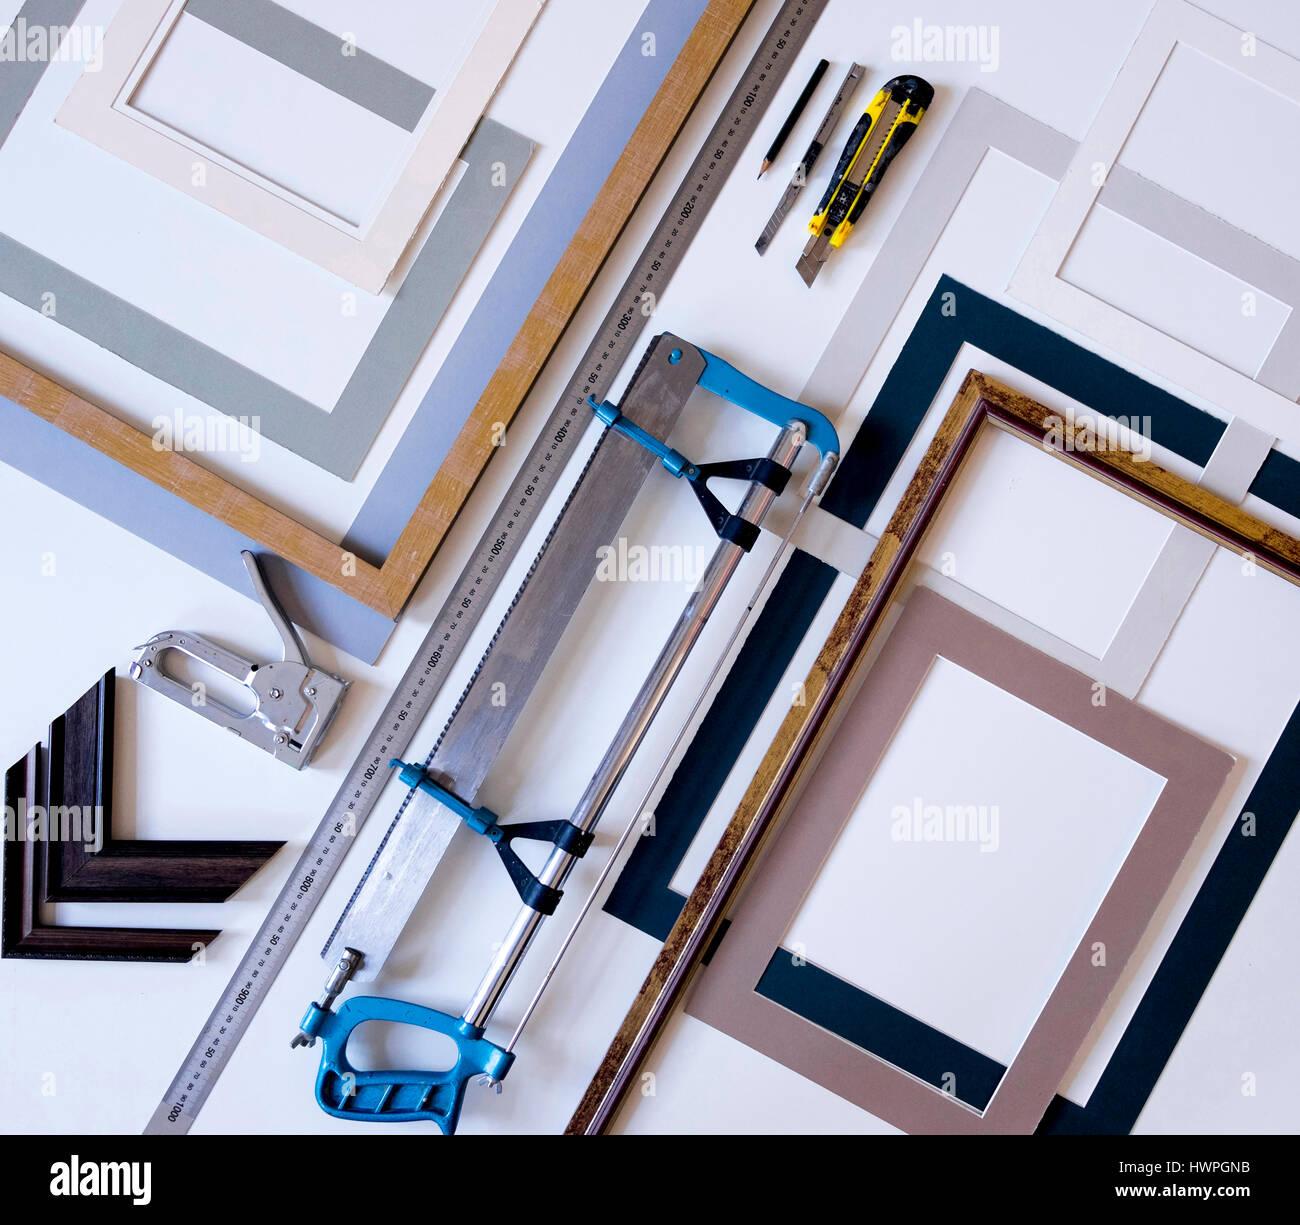 Vista aérea de los marcos de imagen con herramientas de trabajo sobre la mesa en el taller Foto de stock